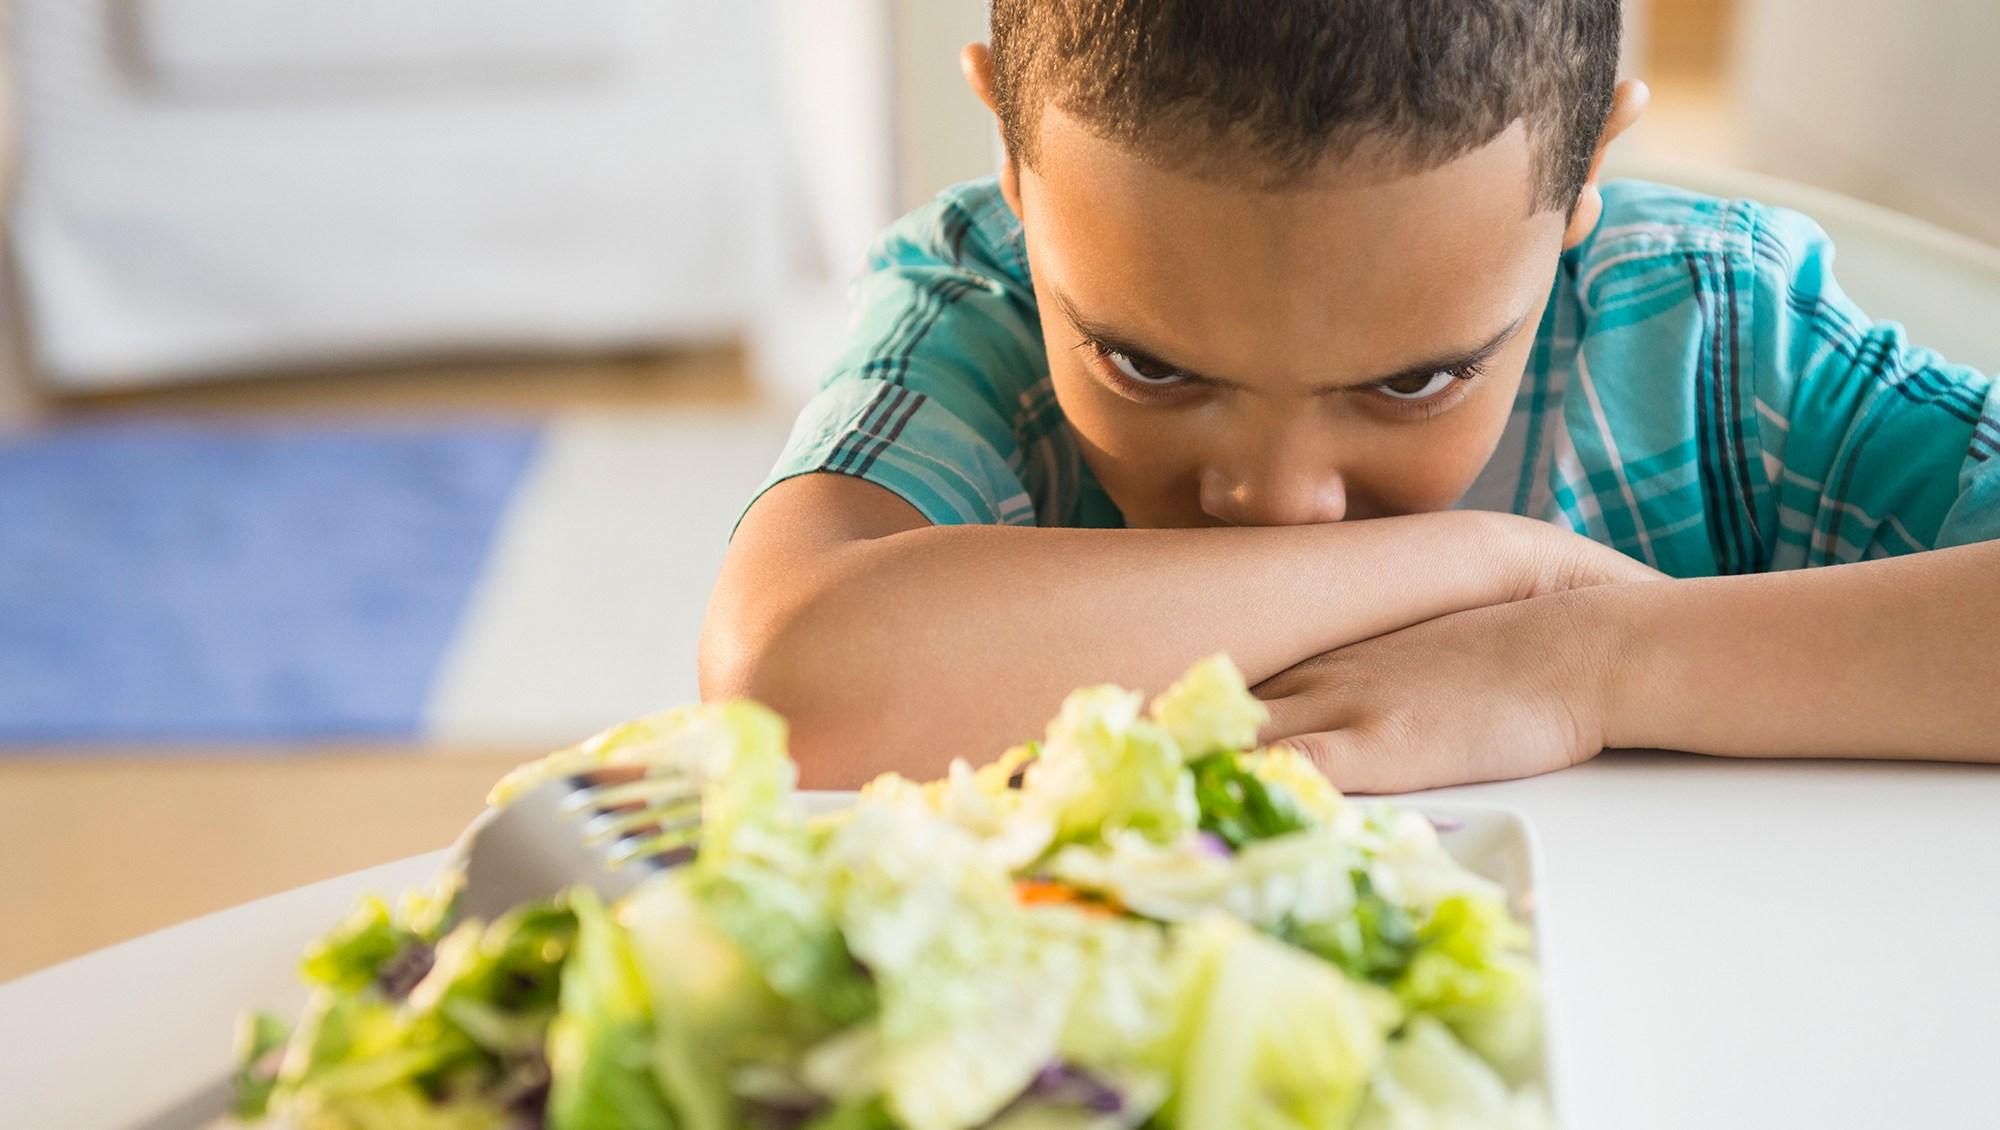 boy refusing to eat salad